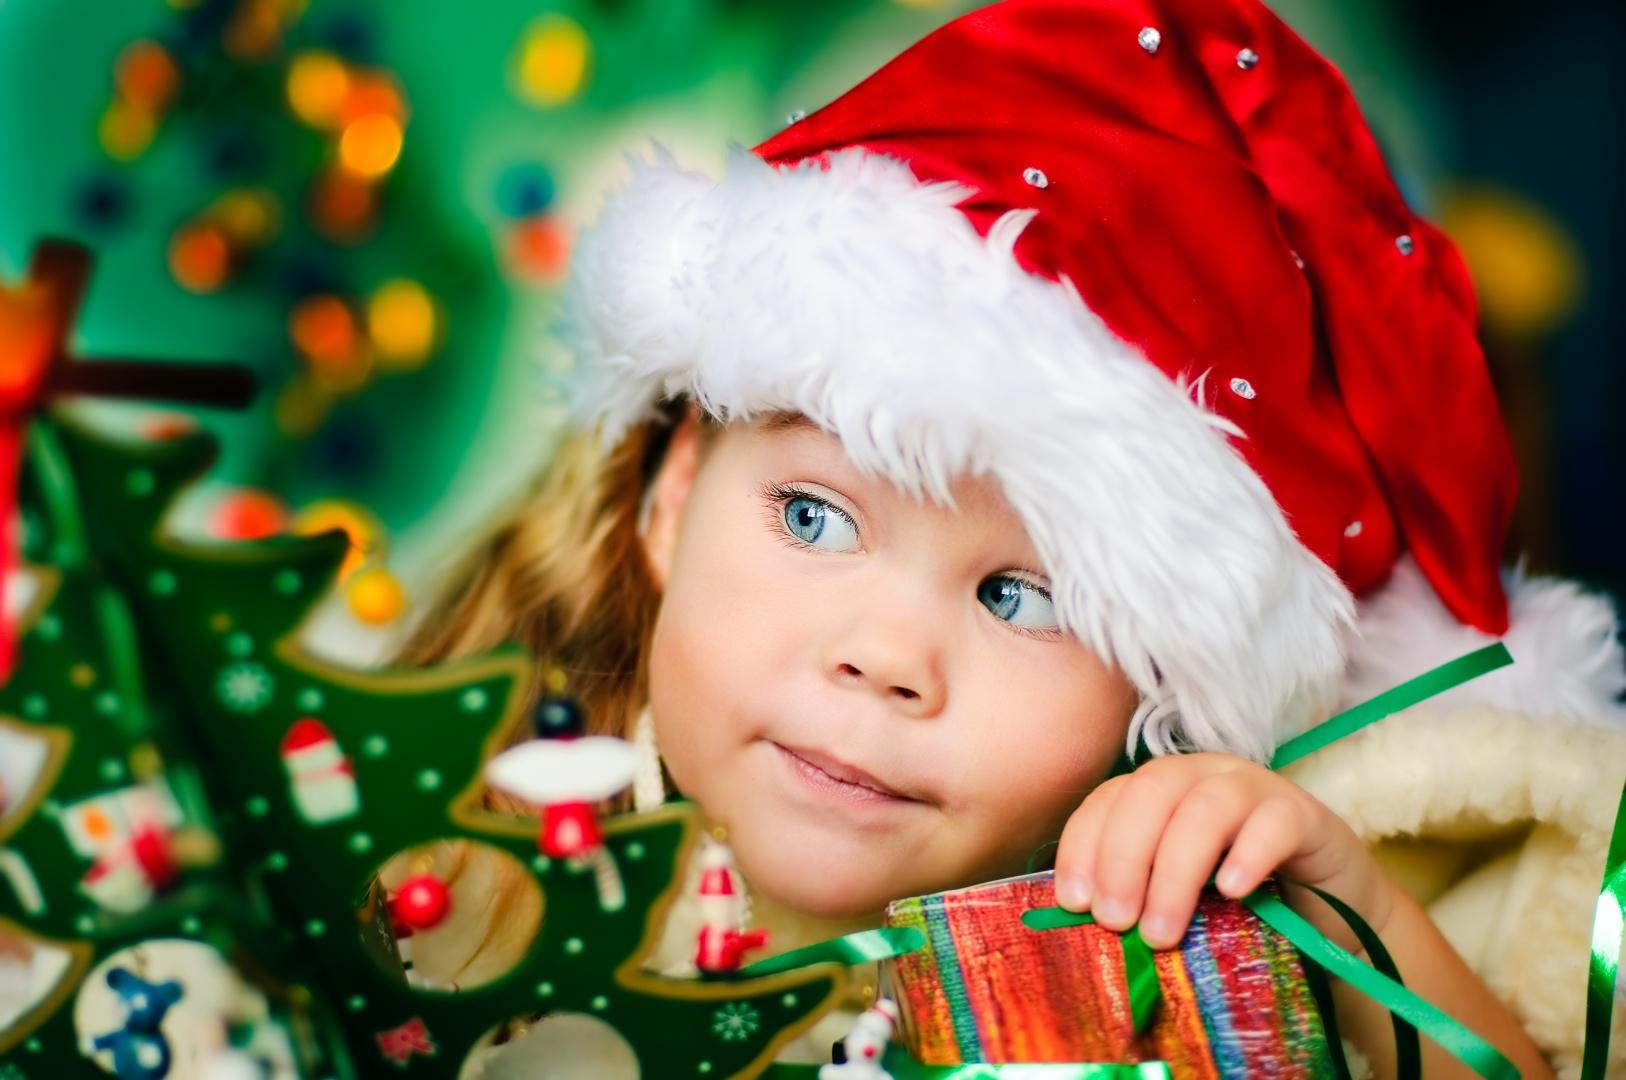 Święta są dla dzieci niesamowitym przeżyciem. Fot. Shutterstock.